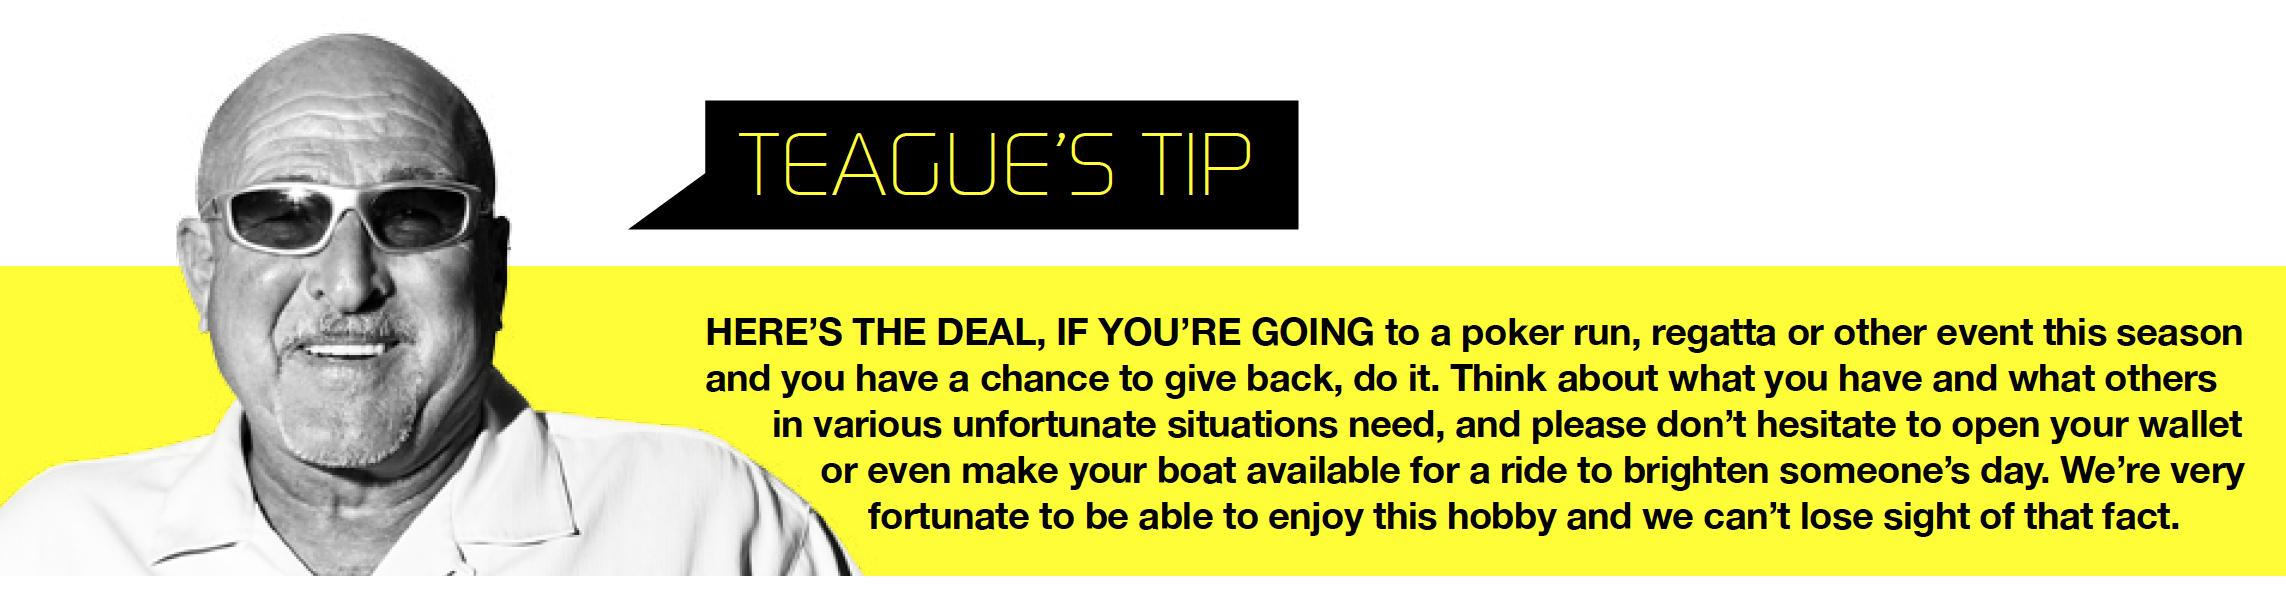 Teague's Tip